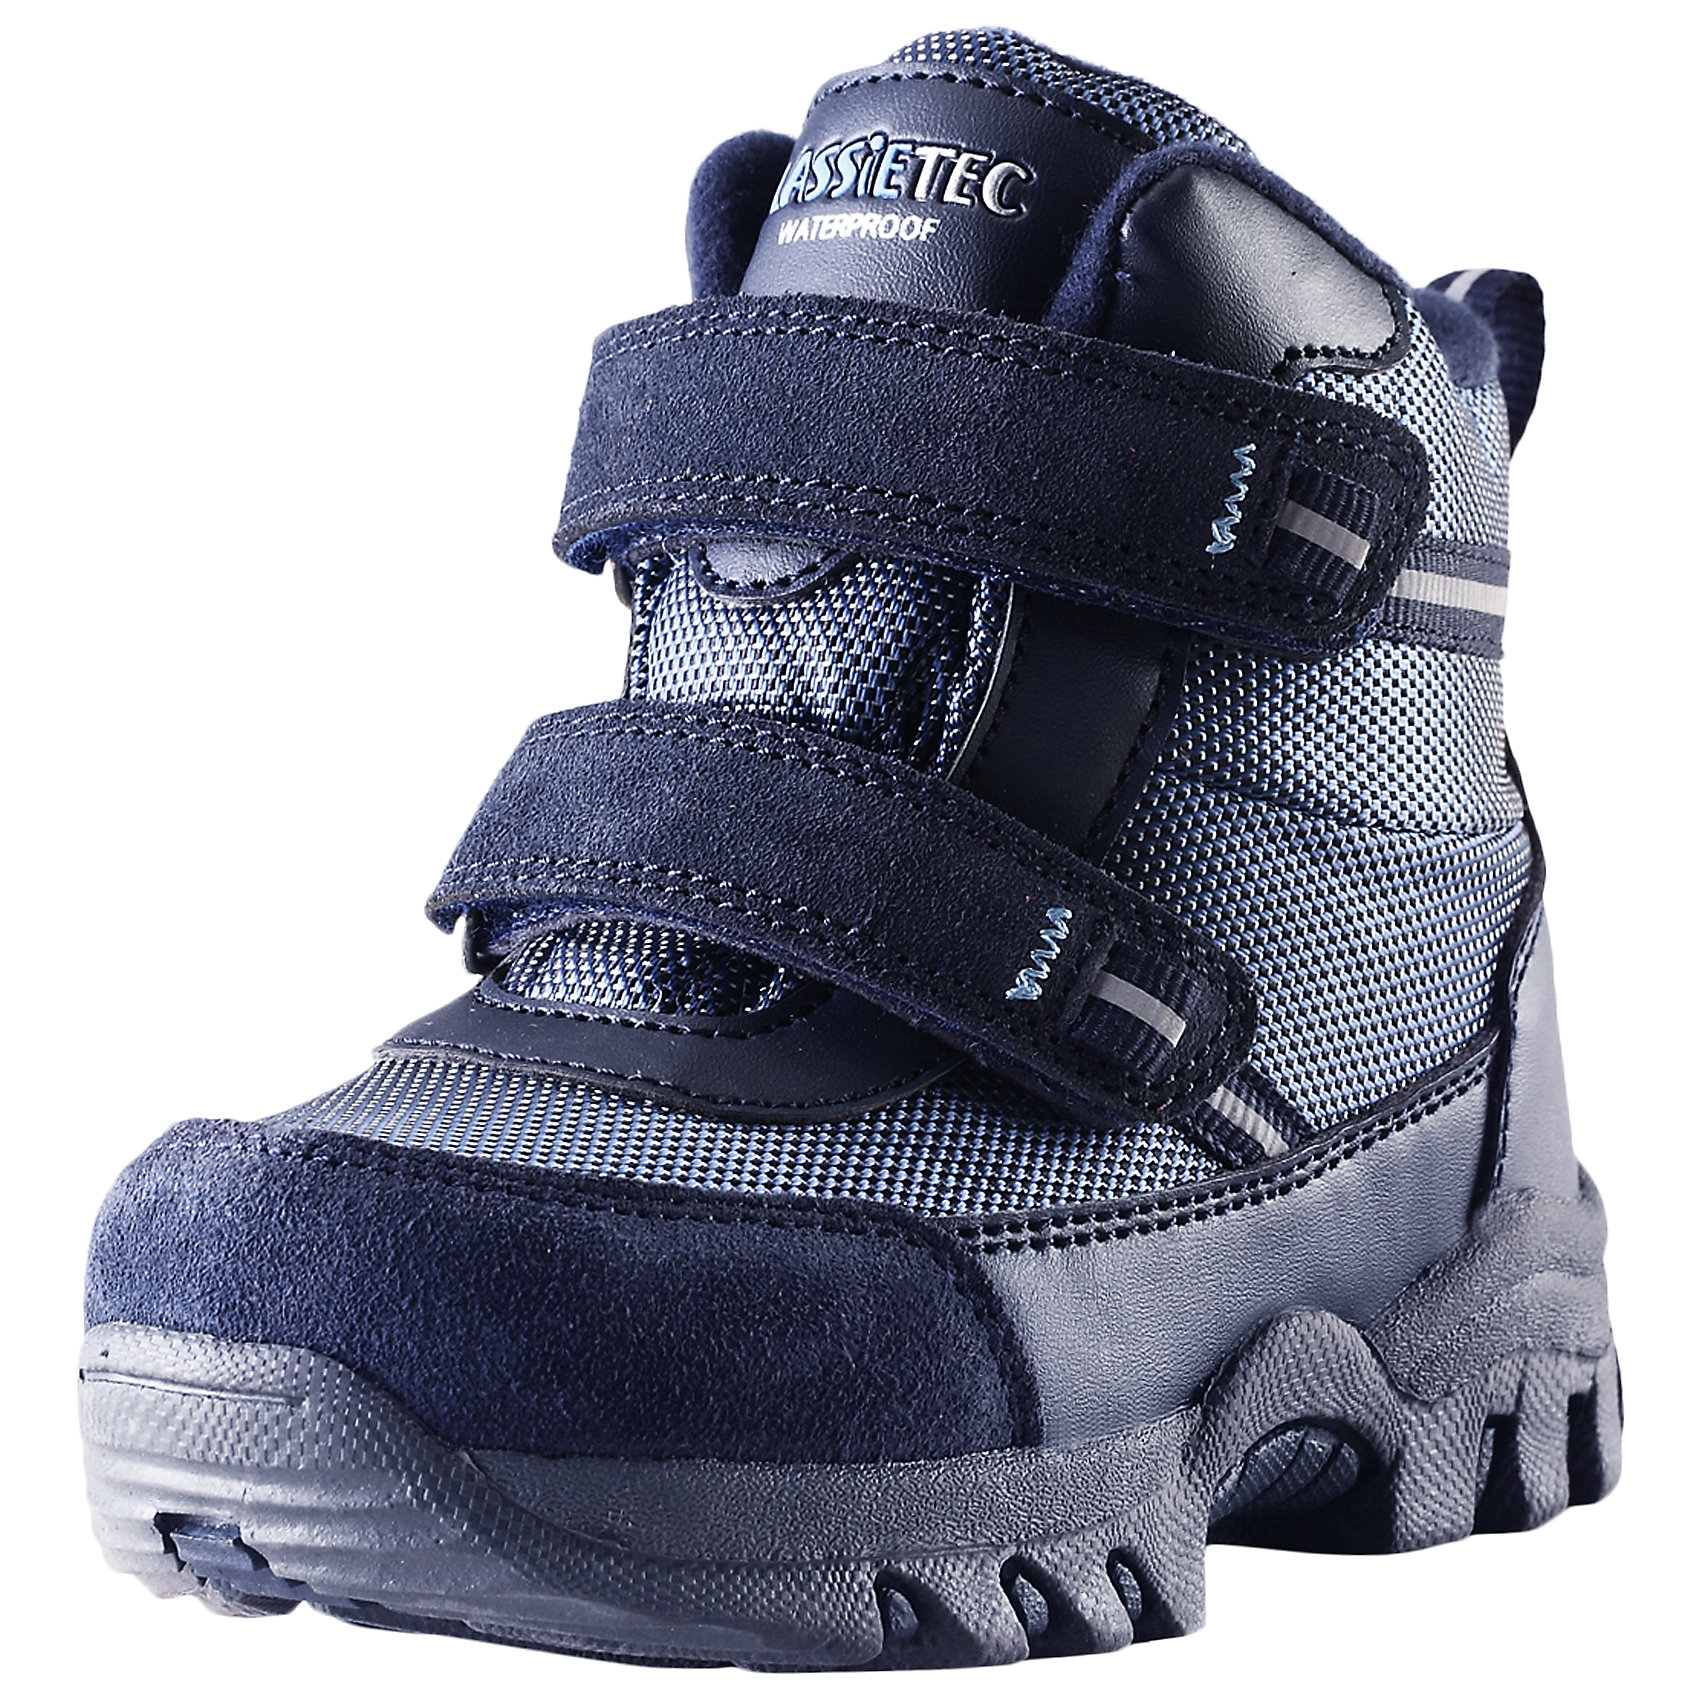 Ботинки для мальчика LASSIEОбувь<br>Зимние ботинки для малышей Lassietec®. <br><br>- Водонепроницаемая зимняя обувь. <br>- Верх из натуральной замши (из телячьей кожи), синтетического материала и текстиля. <br>- Подошва из термопластичного каучука обеспечивает хорошее сцепление с поверхностью. <br>- Подкладка из искусственного меха. <br>- Съемные стельки. <br>- Простая застежка на липучке, имеющая две точки крепления. <br>- Светоотражающие детали.<br><br>Храните обувь в вертикальном положении при комнатной температуре. Сушить обувь всегда следует при комнатной температуре: вынув съемные стельки. Стельки следует время от времени заменять на новые. Налипшую грязь можно счищать щеткой или влажной тряпкой. Перед использованием обувь рекомендуется обрабатывать специальными защитными средствами.<br><br>Состав: Подошва: Термопластиковая резина, Верх: 70% ПЭ 20% ПУ 10% Кожа.<br><br>Ширина мм: 262<br>Глубина мм: 176<br>Высота мм: 97<br>Вес г: 427<br>Цвет: синий<br>Возраст от месяцев: 21<br>Возраст до месяцев: 24<br>Пол: Мужской<br>Возраст: Детский<br>Размер: 24,27,22,23,25,26<br>SKU: 4780909